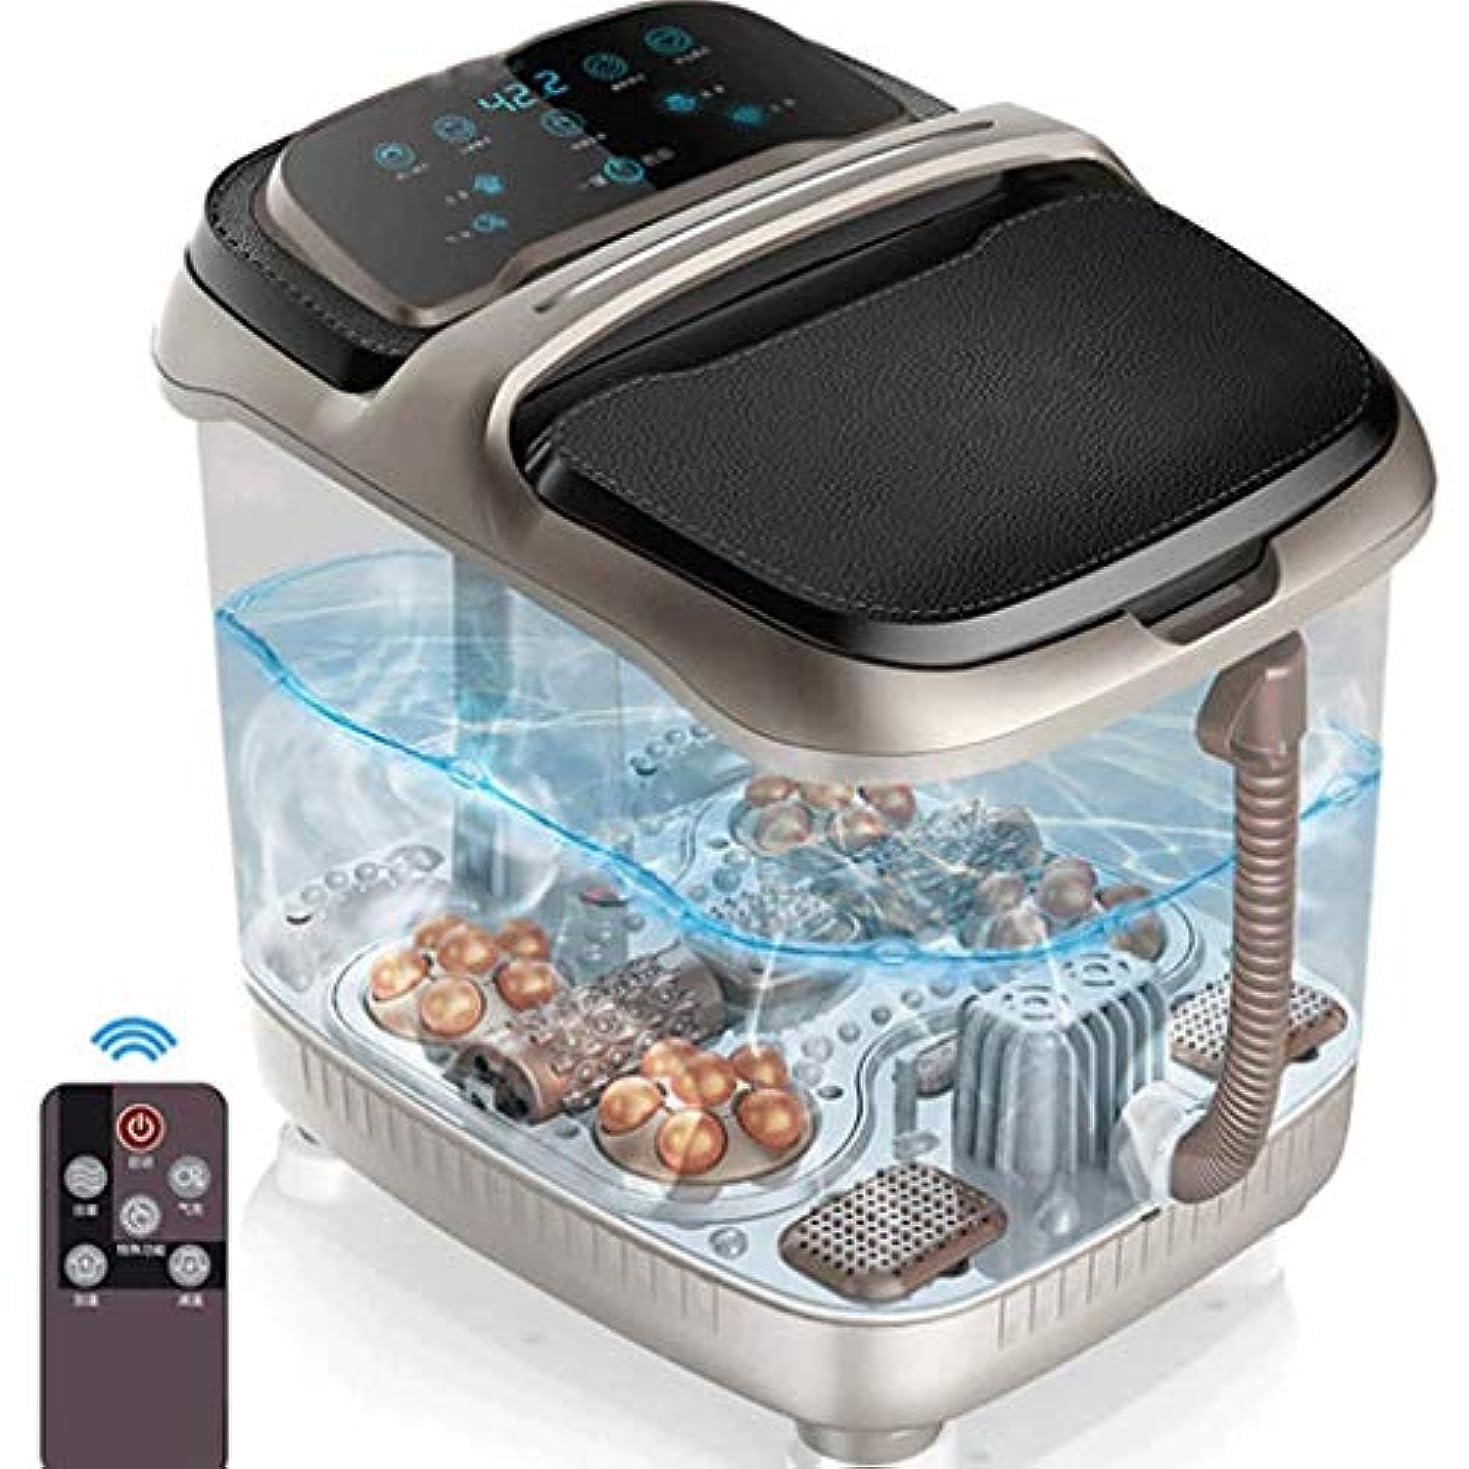 境界遊具ジョージバーナードLEIGE Foot Spa Massager - スーパーファストヒーティングシステム、4つの電動マッサージローラー、ささやく静かな、リモートコントロール付き浴槽